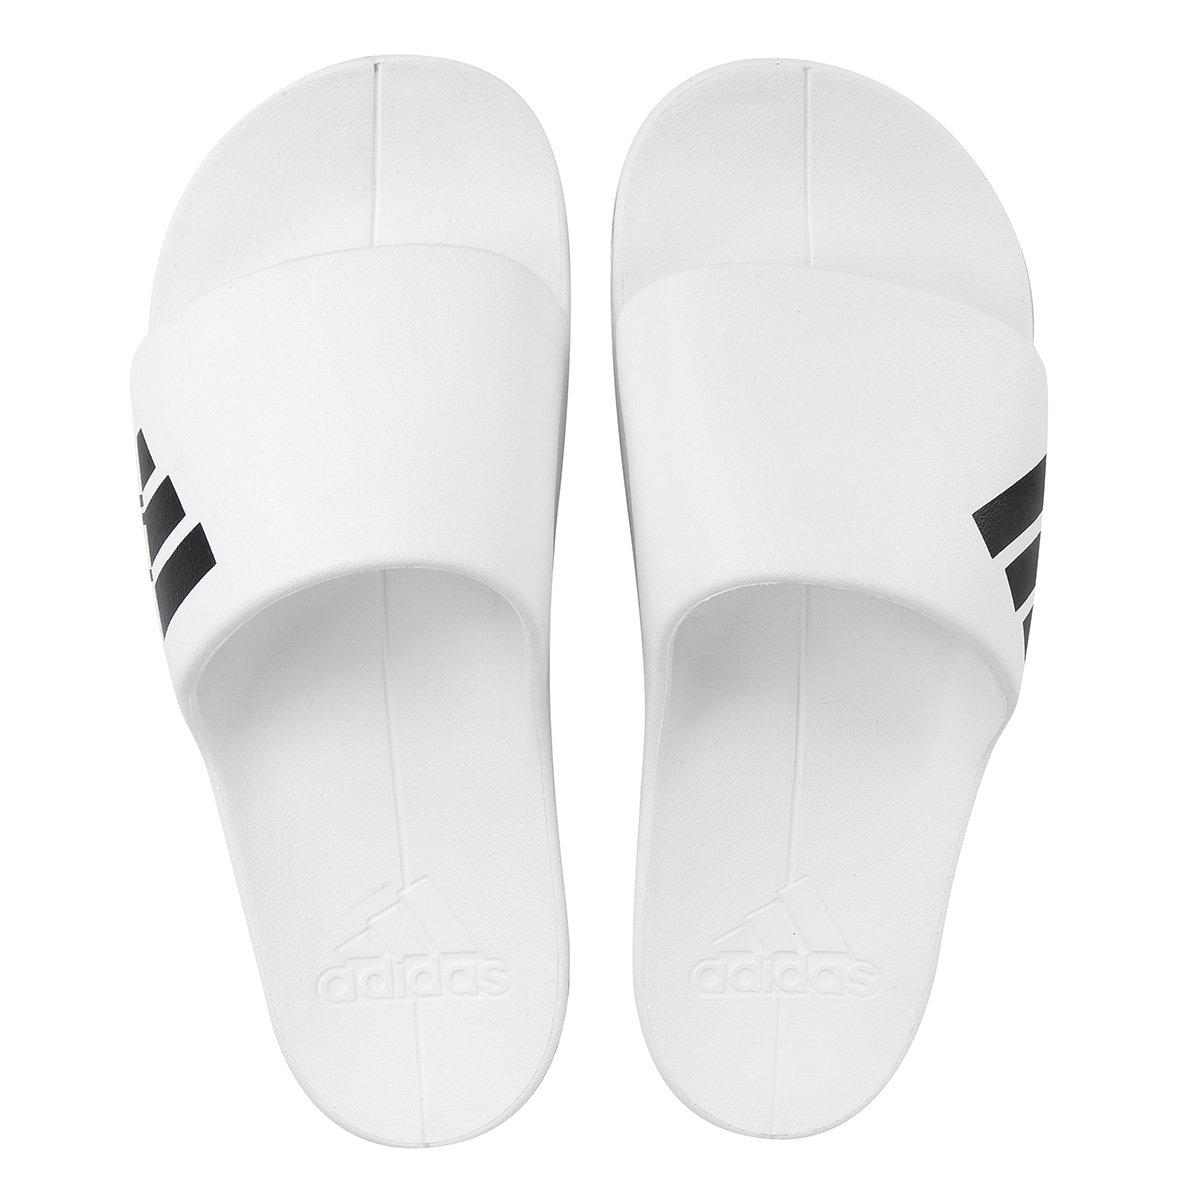 82ce8d99e4 Chinelo Adidas Aqualette Cf Masculino - Compre Agora